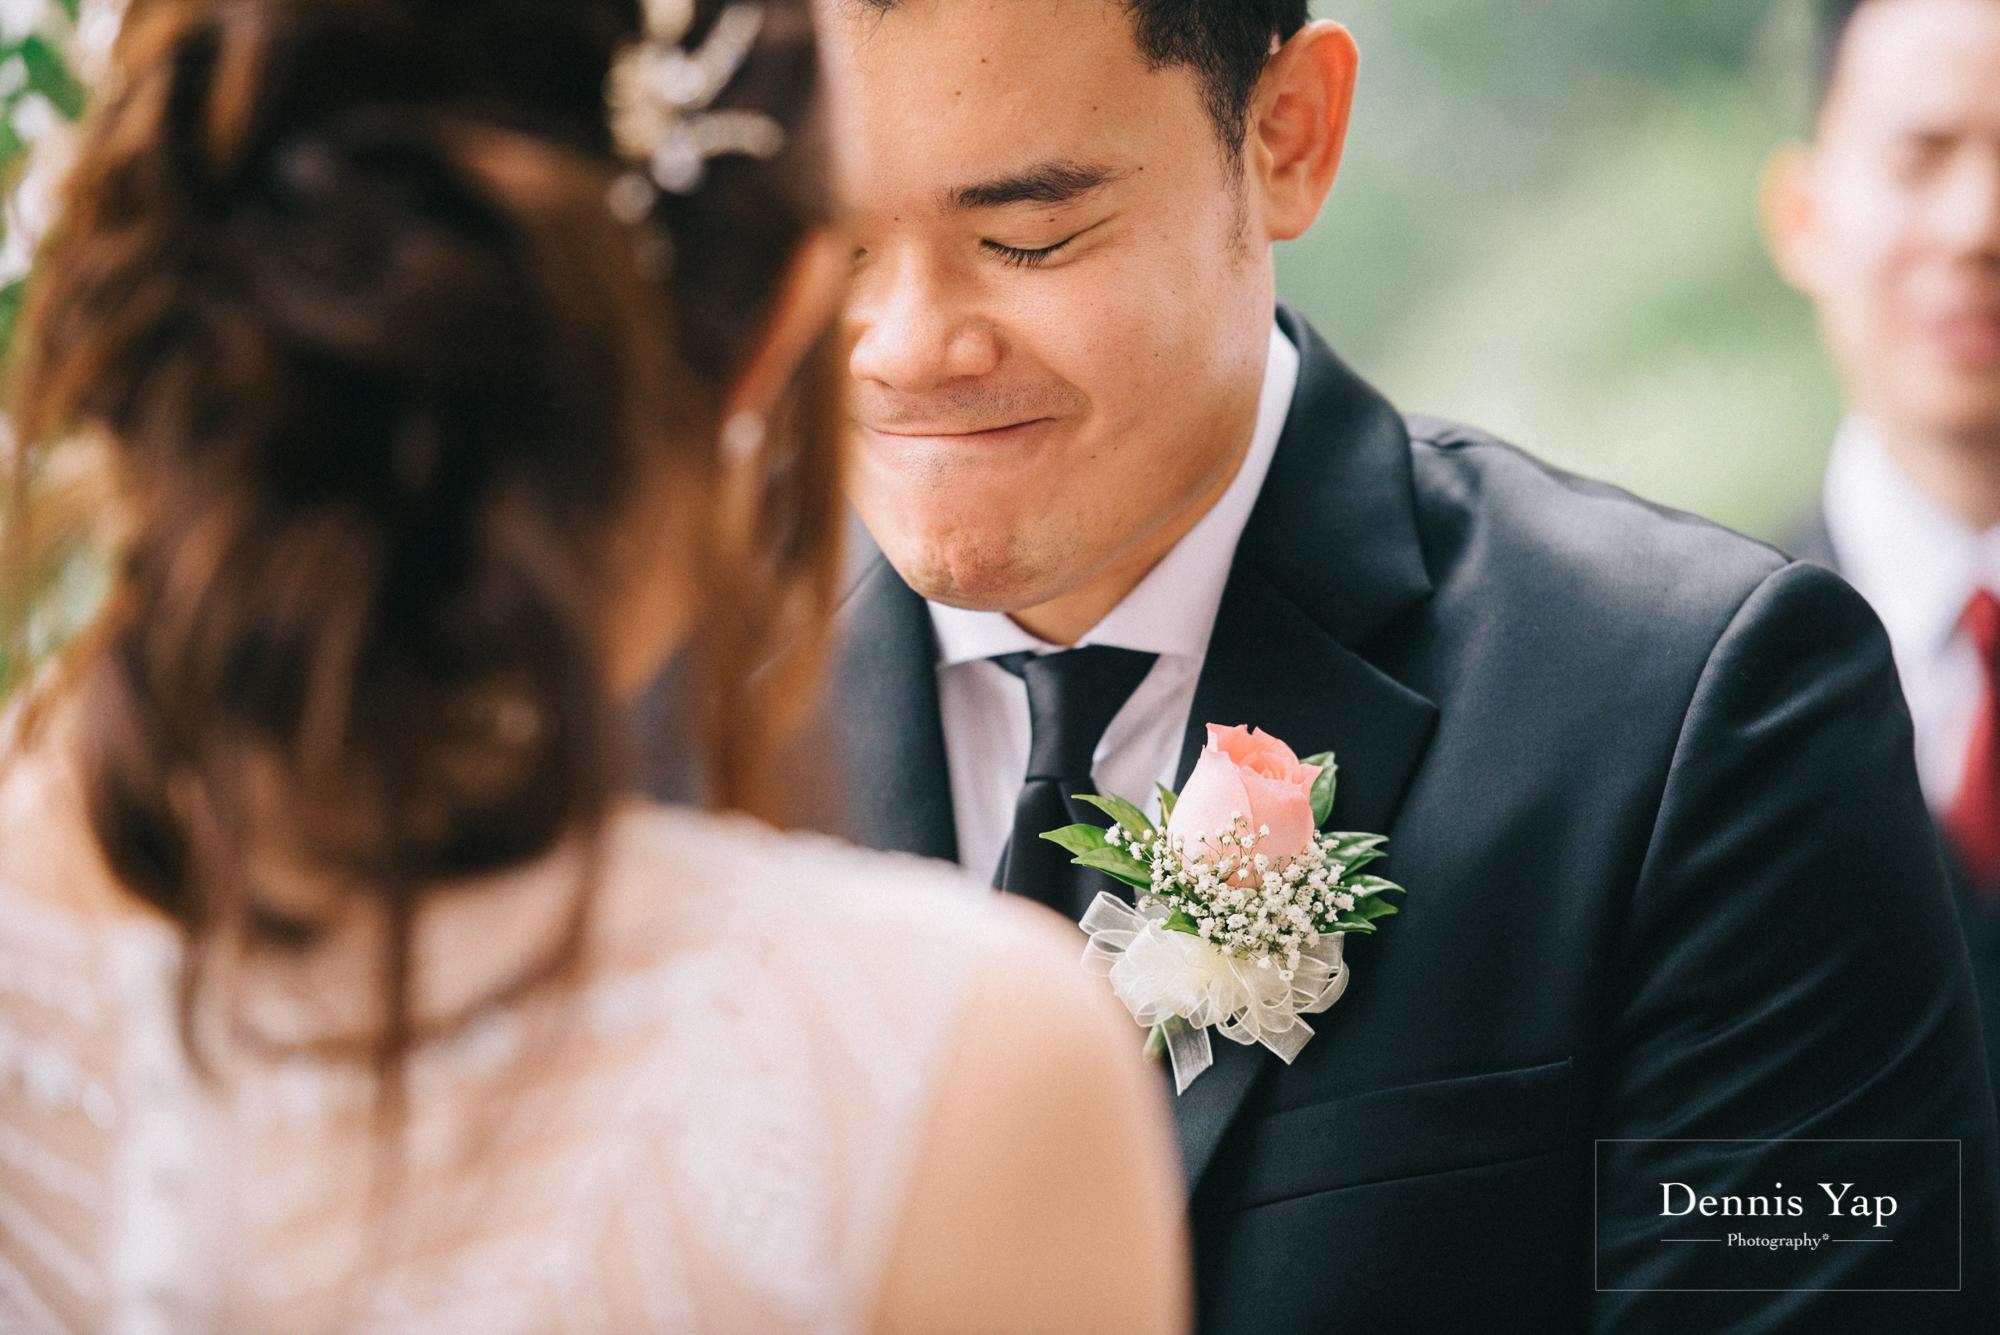 jason su lin rom registration gita bayu serdang wedding reception ceremony dennis yap photography fog malaysia-24.jpg